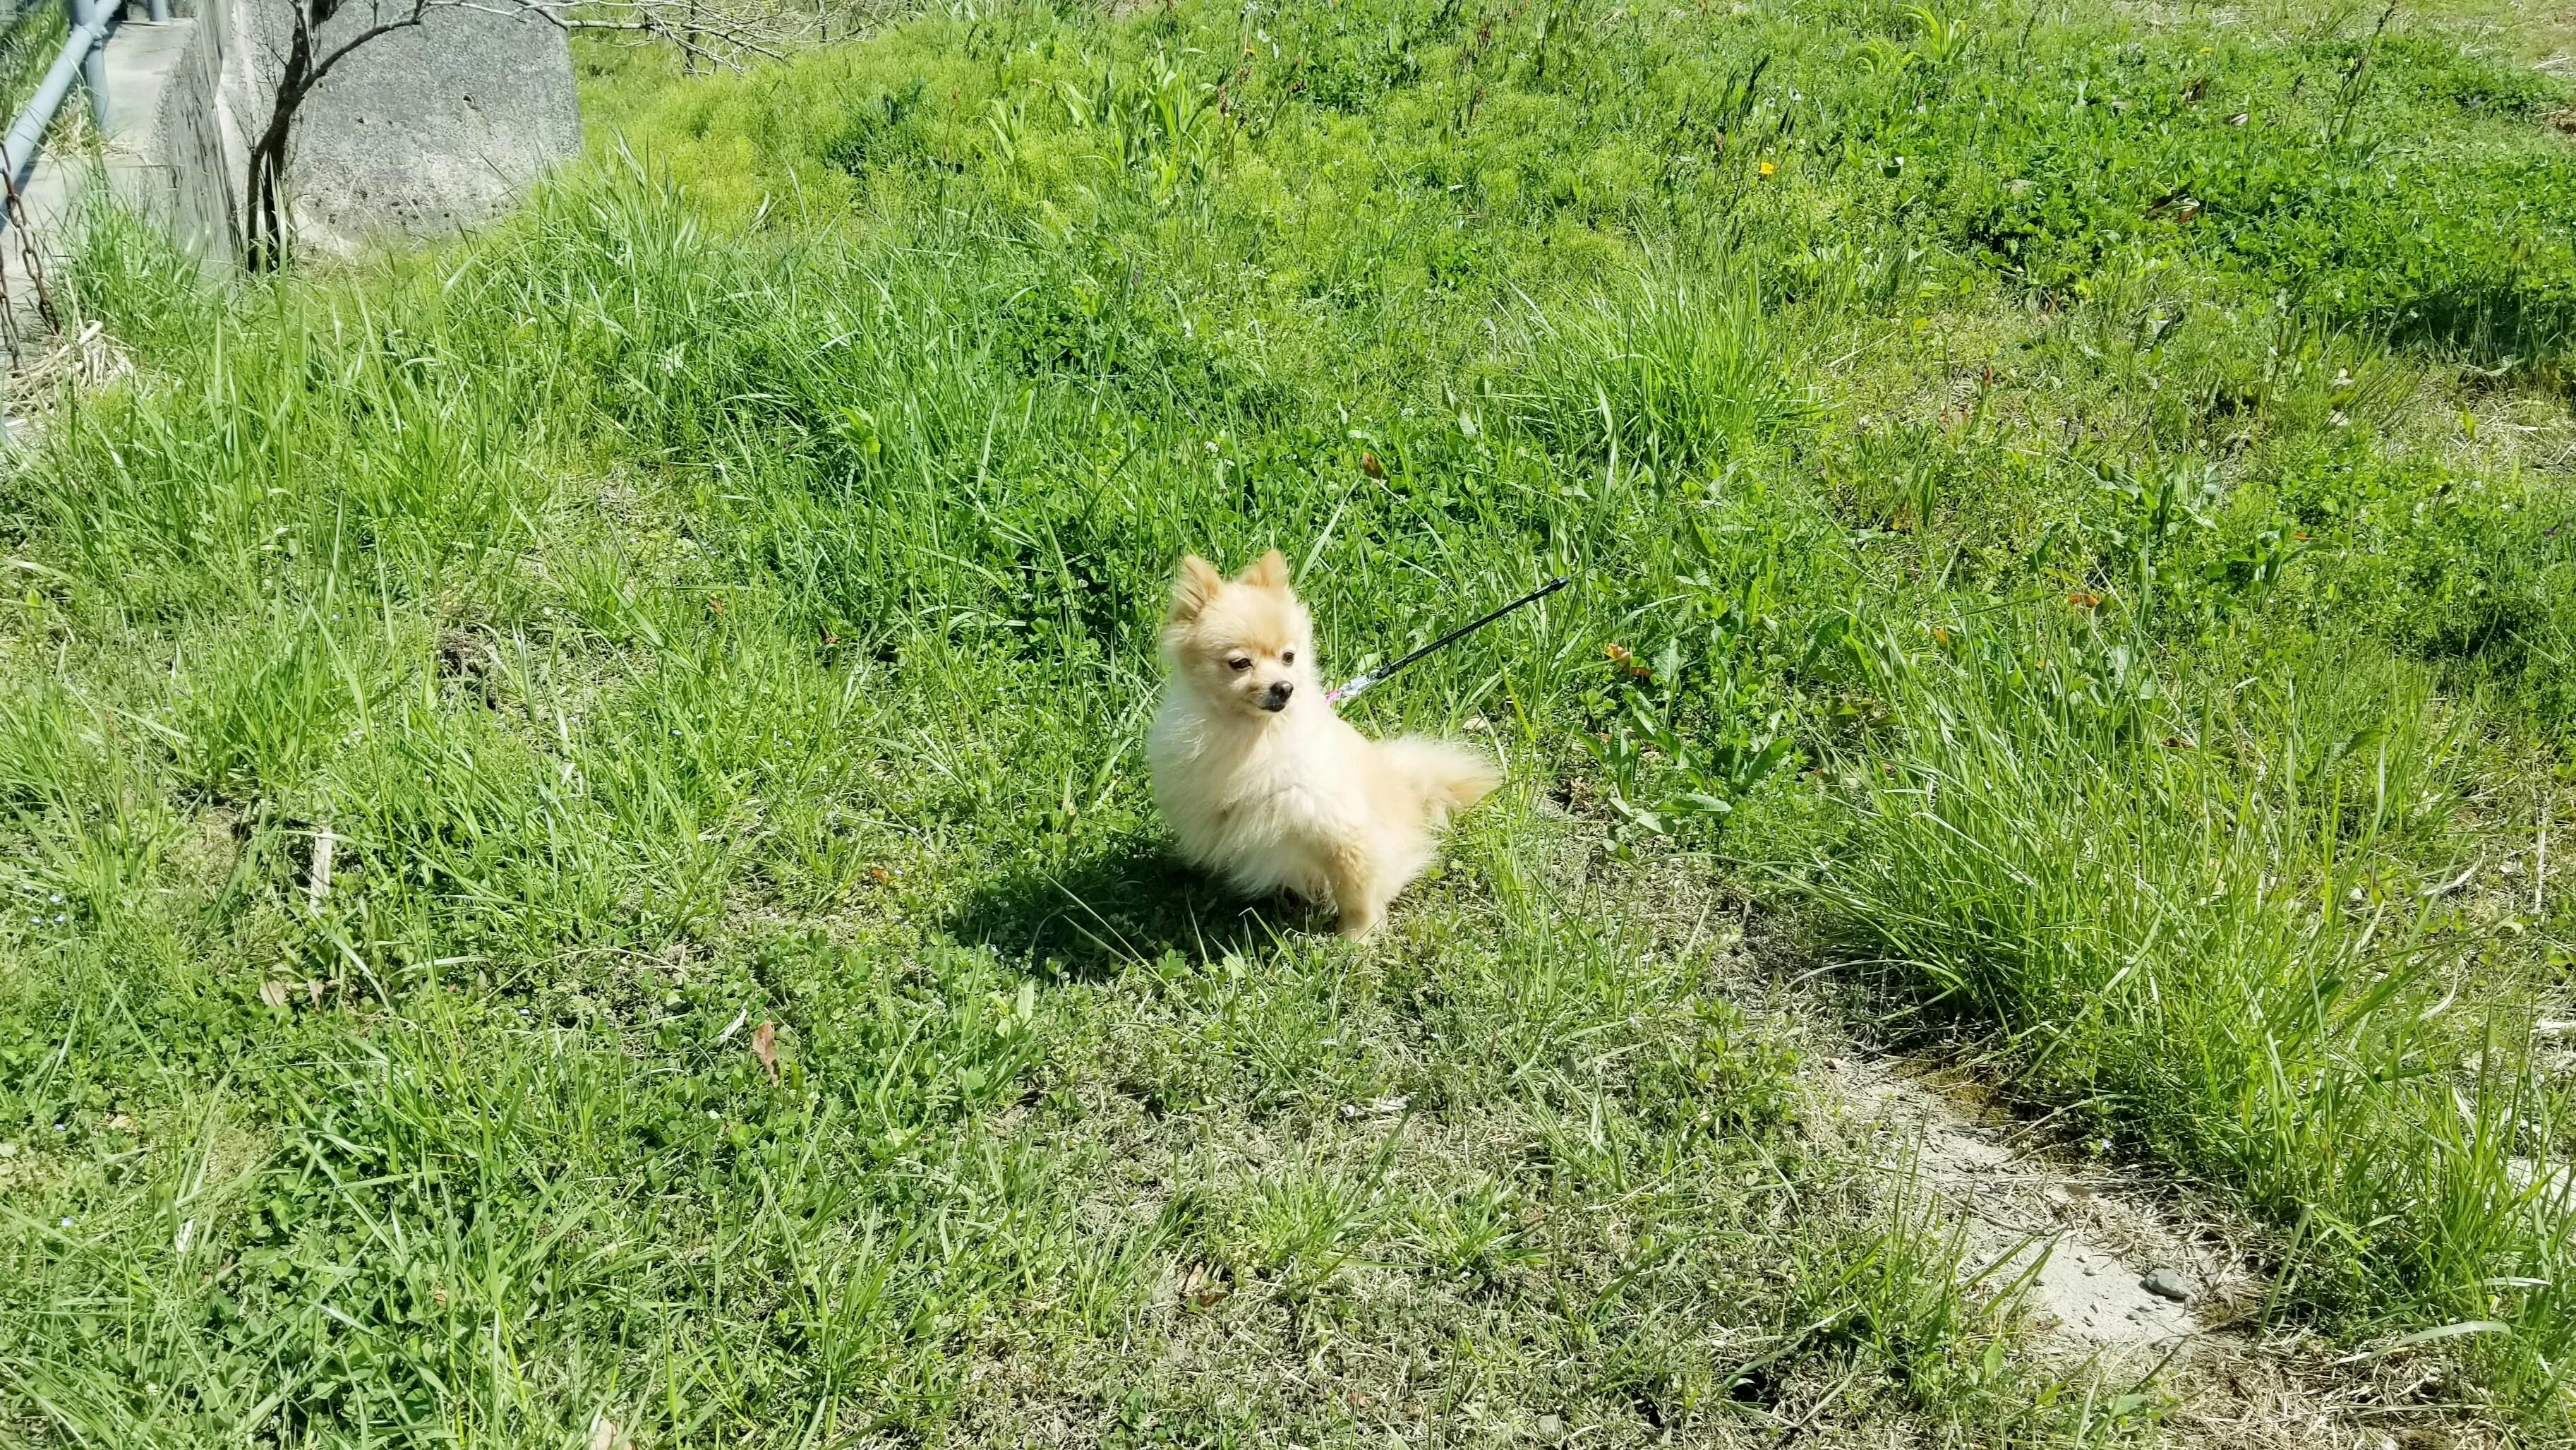 わんことお散歩山広場晴天気ぽかぽか犬ももふもふ可愛い画像